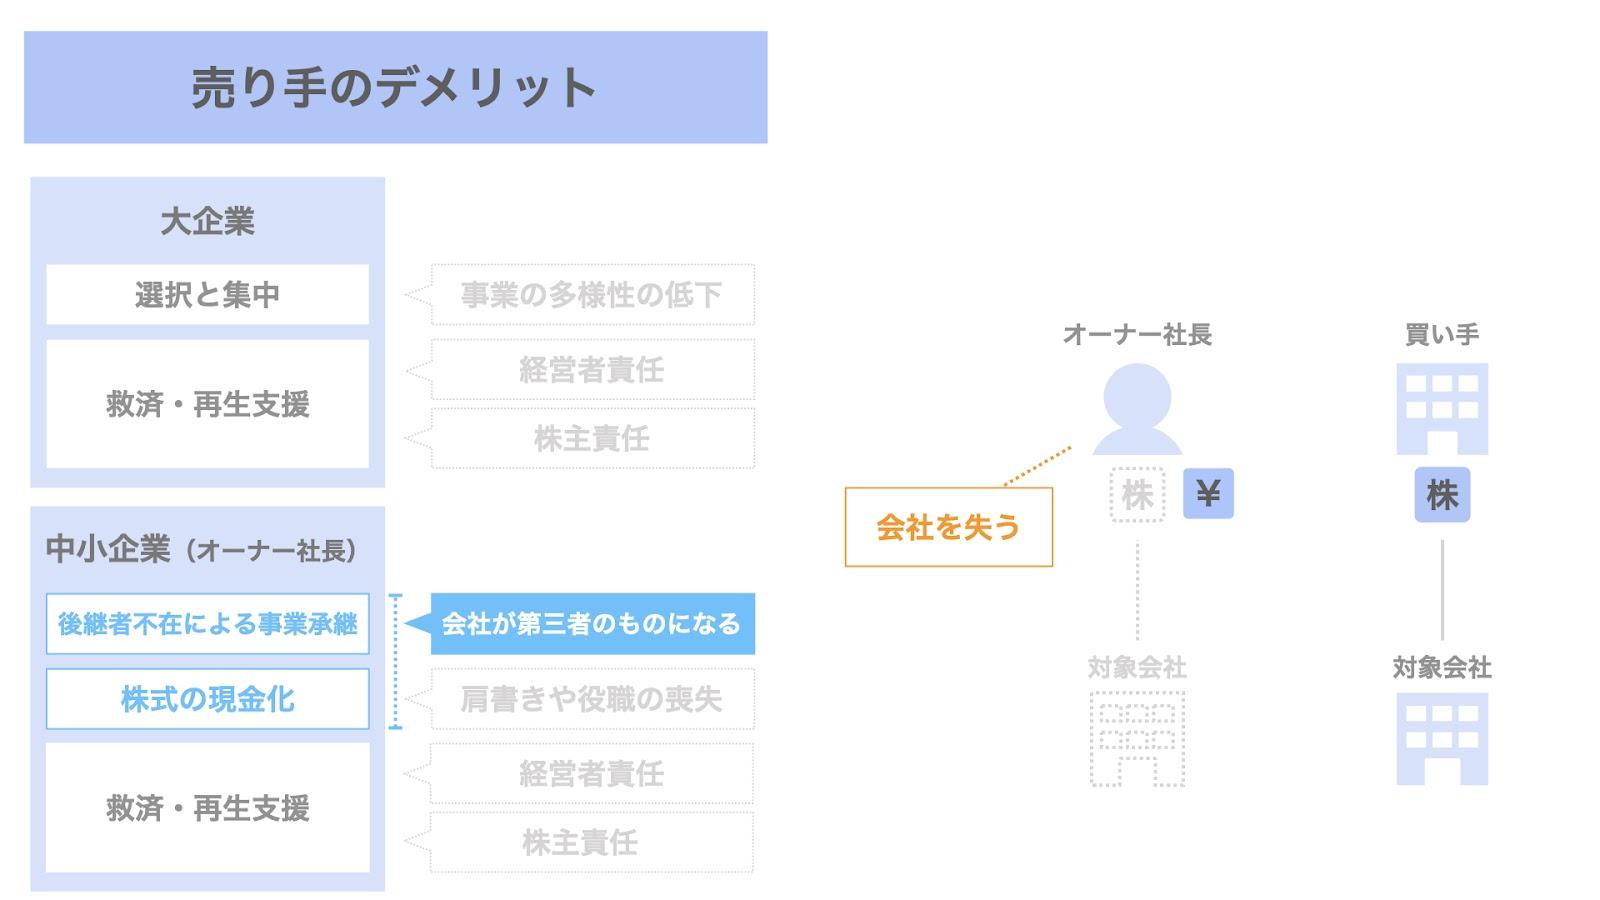 売り手(オーナー社長)におけるM&Aのデメリット① 会社の喪失